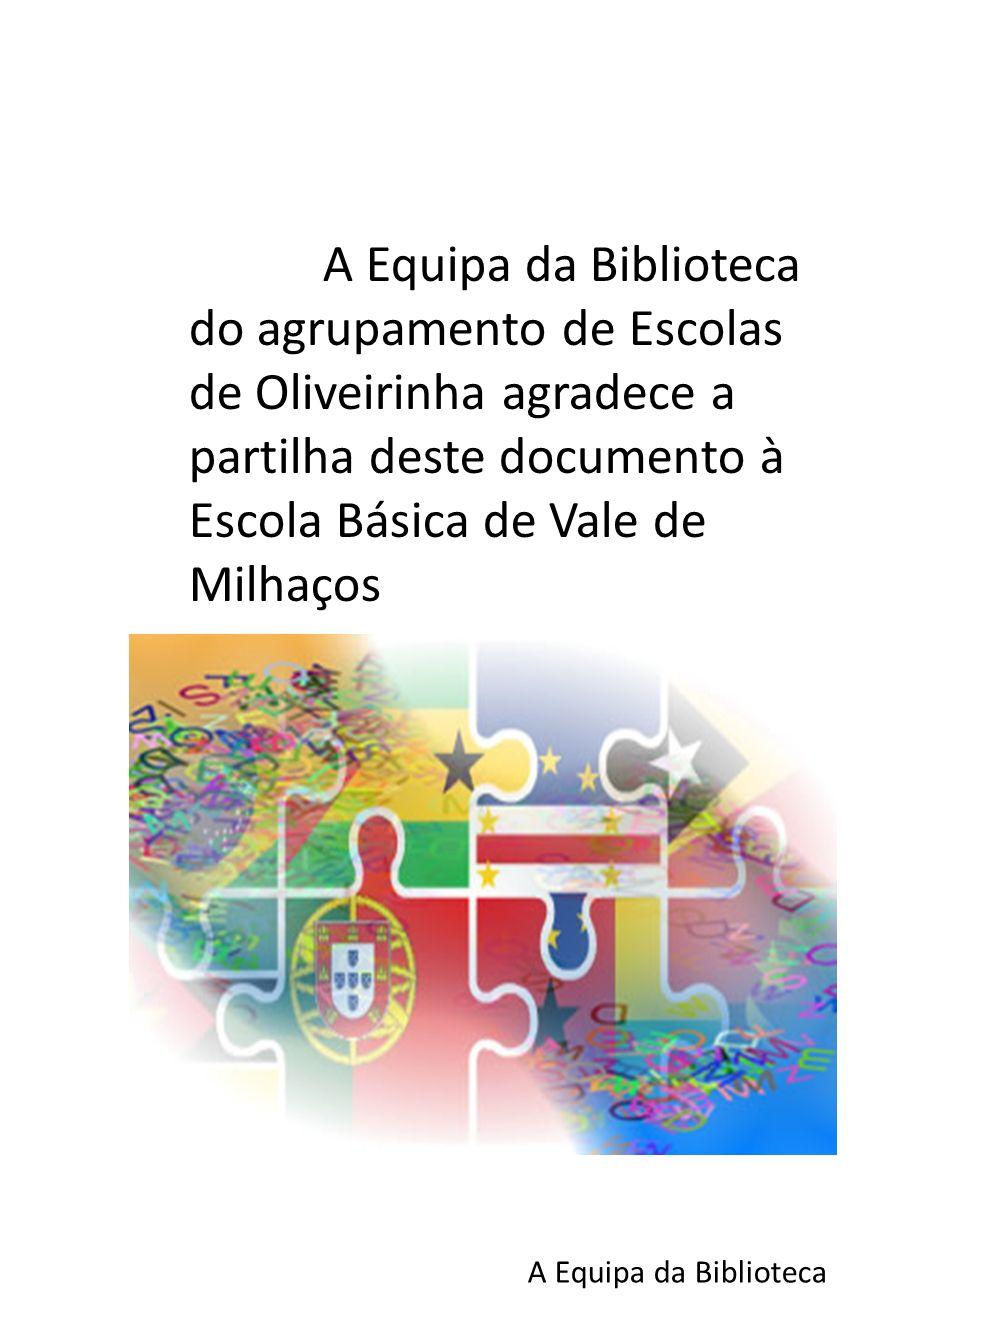 A Equipa da Biblioteca do agrupamento de Escolas de Oliveirinha agradece a partilha deste documento à Escola Básica de Vale de Milhaços A Equipa da Biblioteca